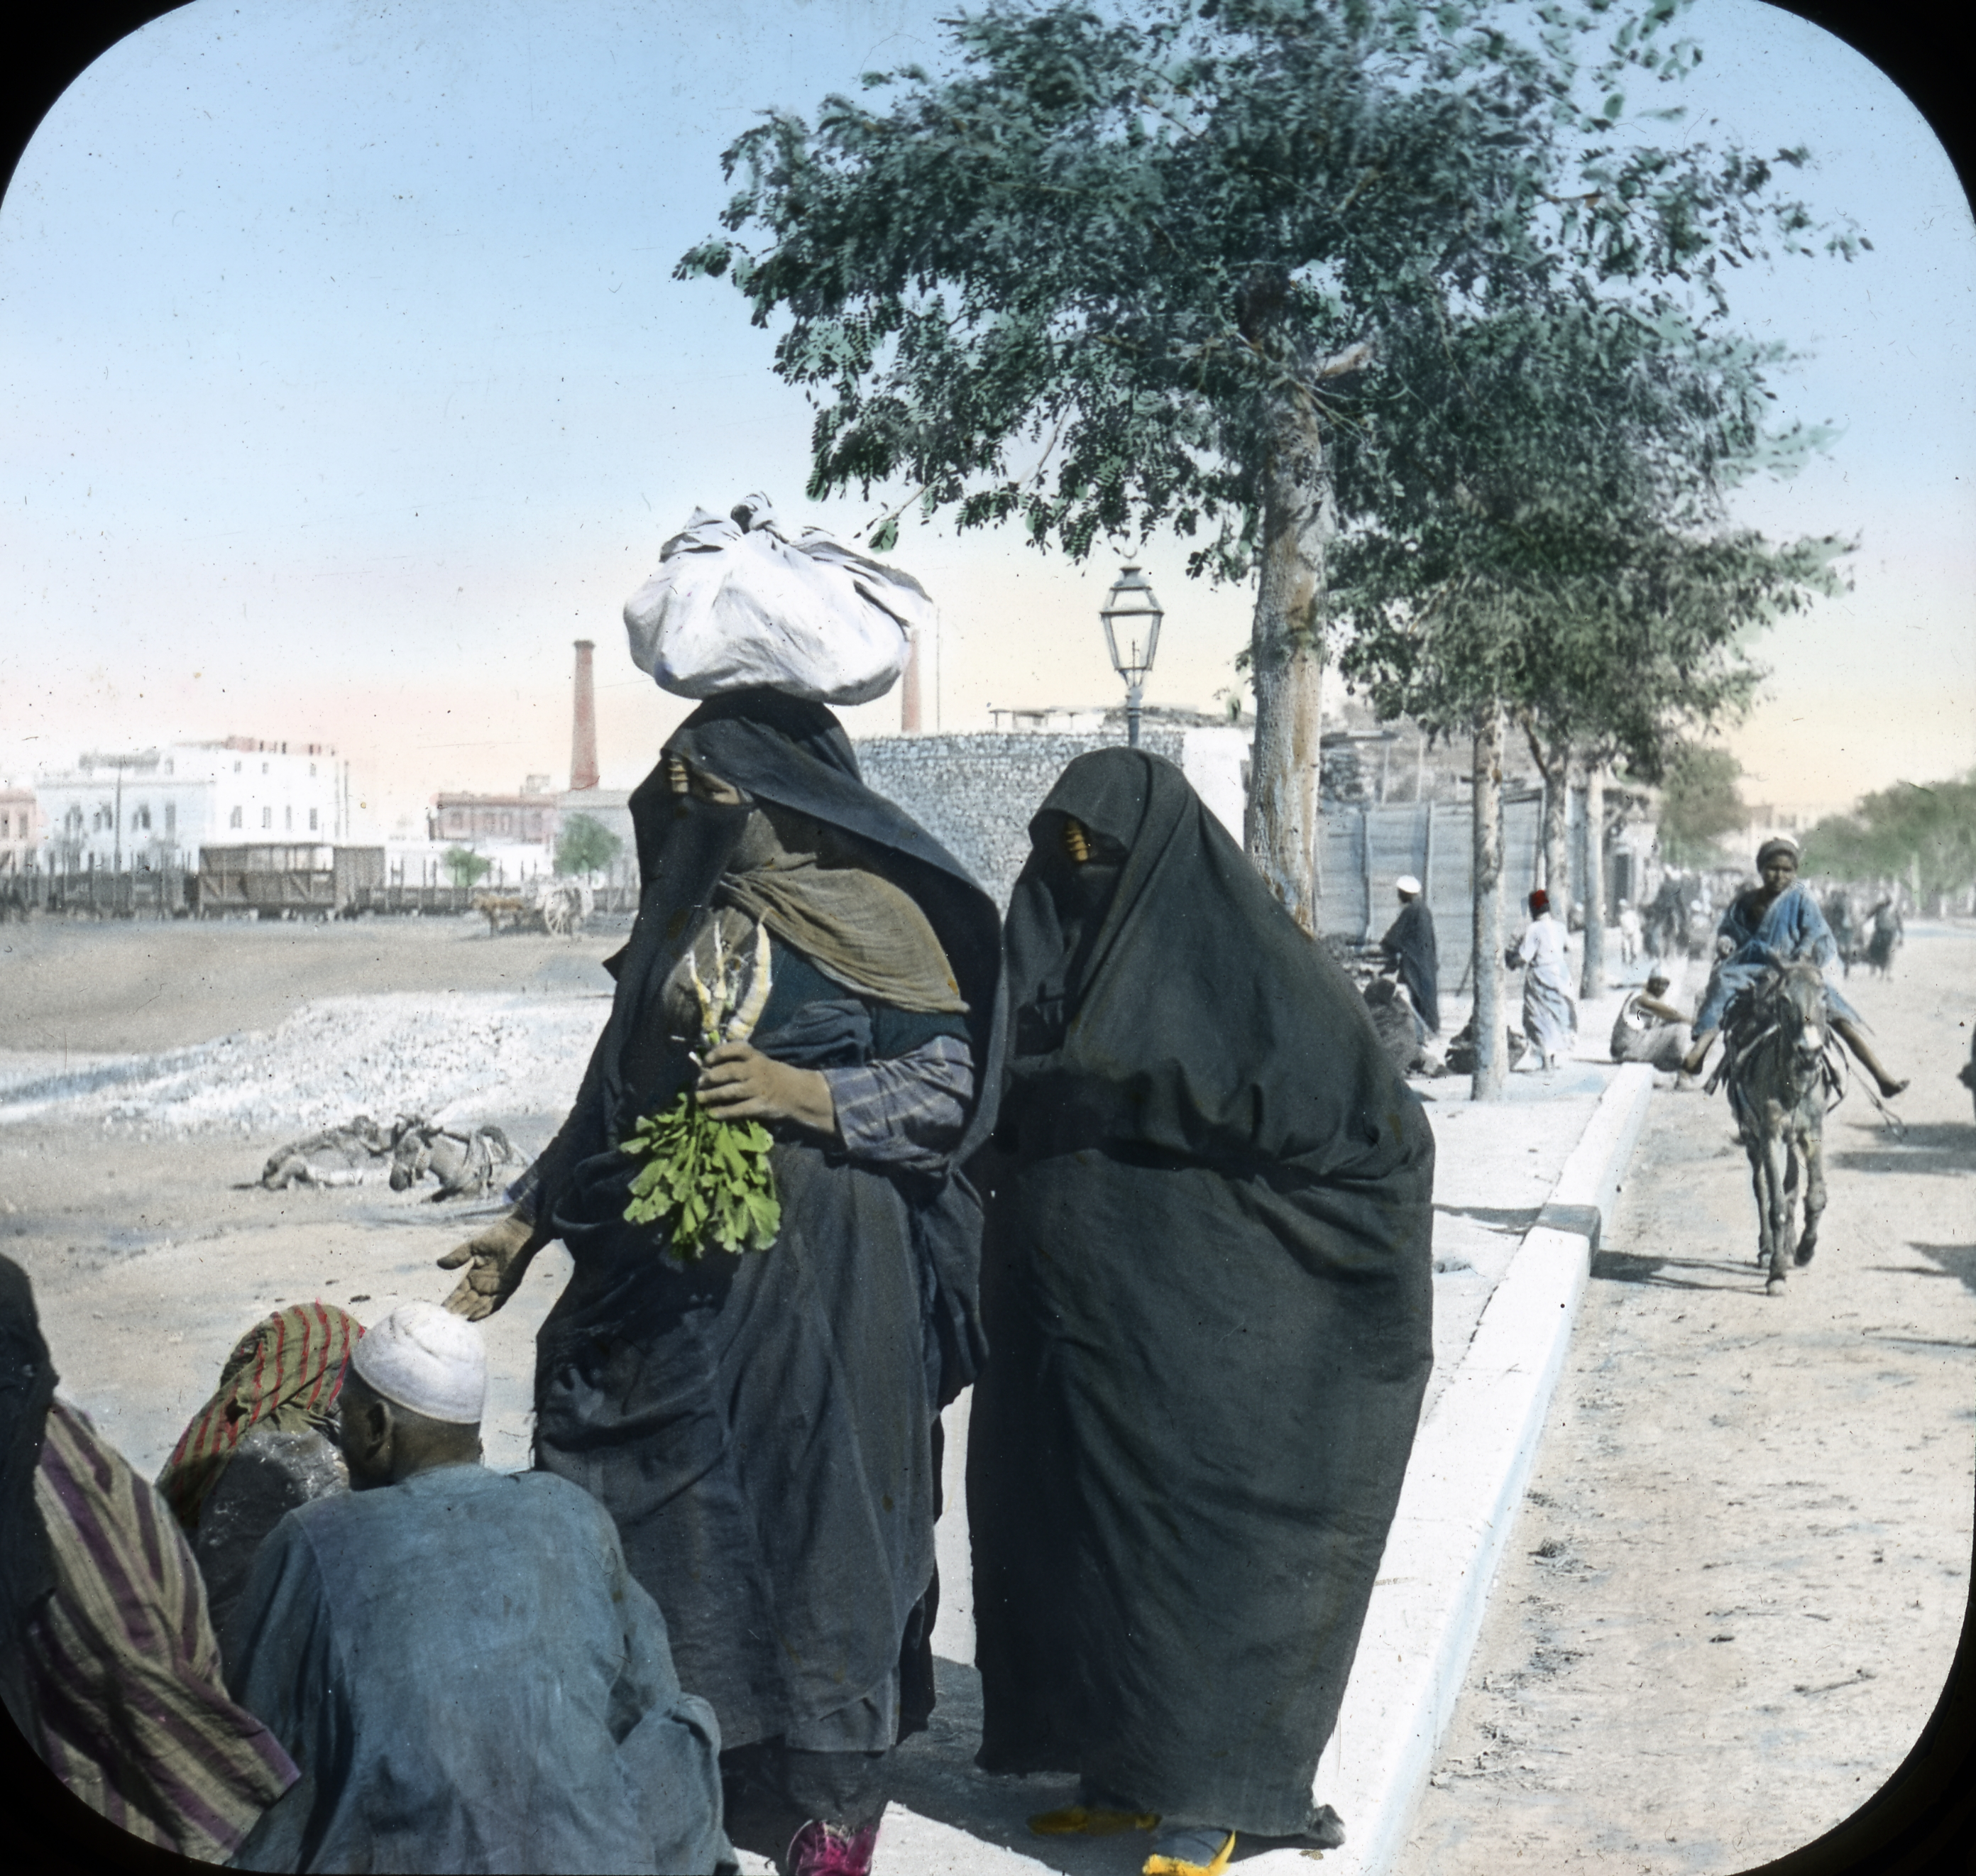 061 - Egypt - Woman, Veiled, Cairo